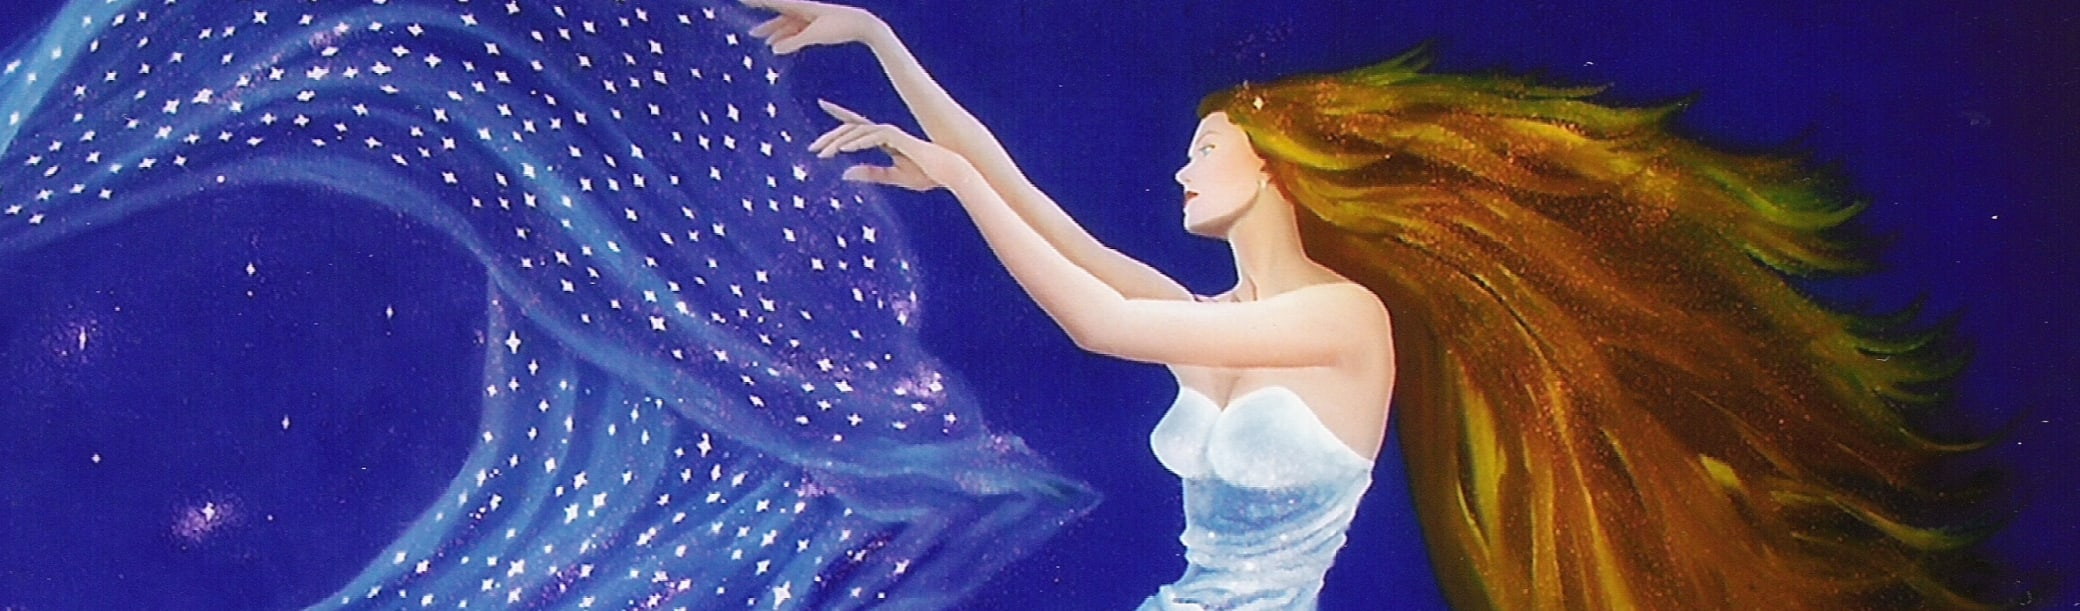 Mariana Tapia <q>La Sirena de México</q> artista plástica